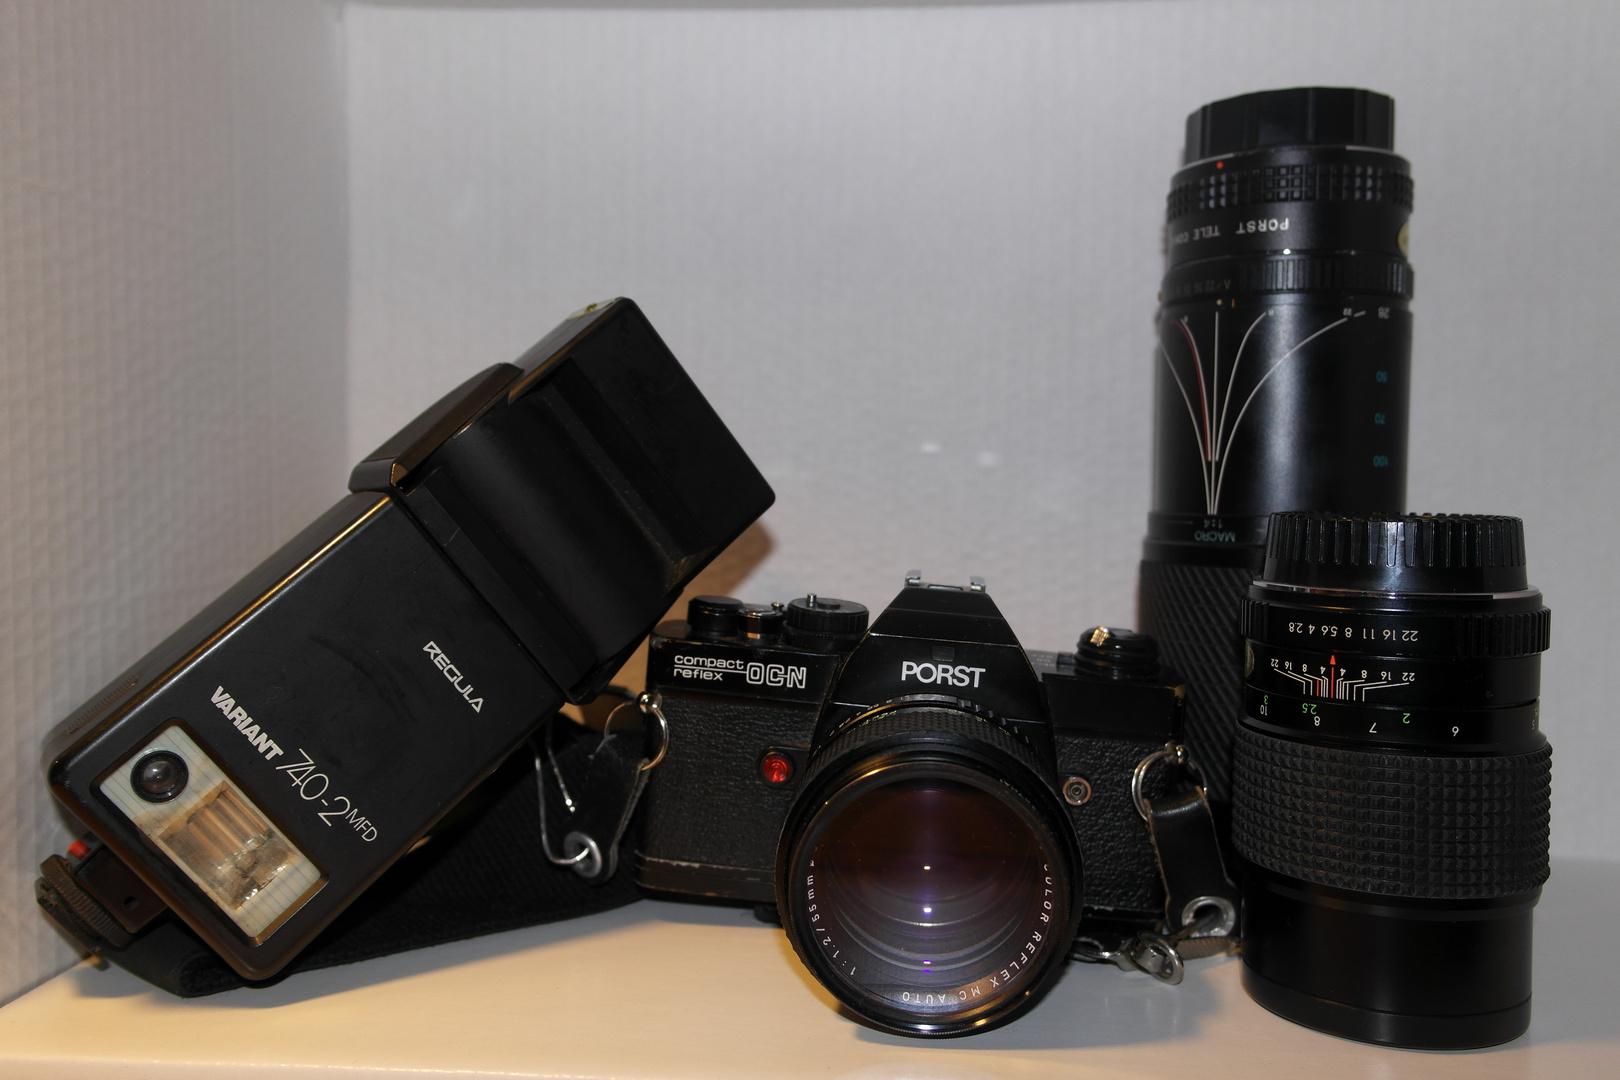 Porst Kamera mit Objektive und Blitz.